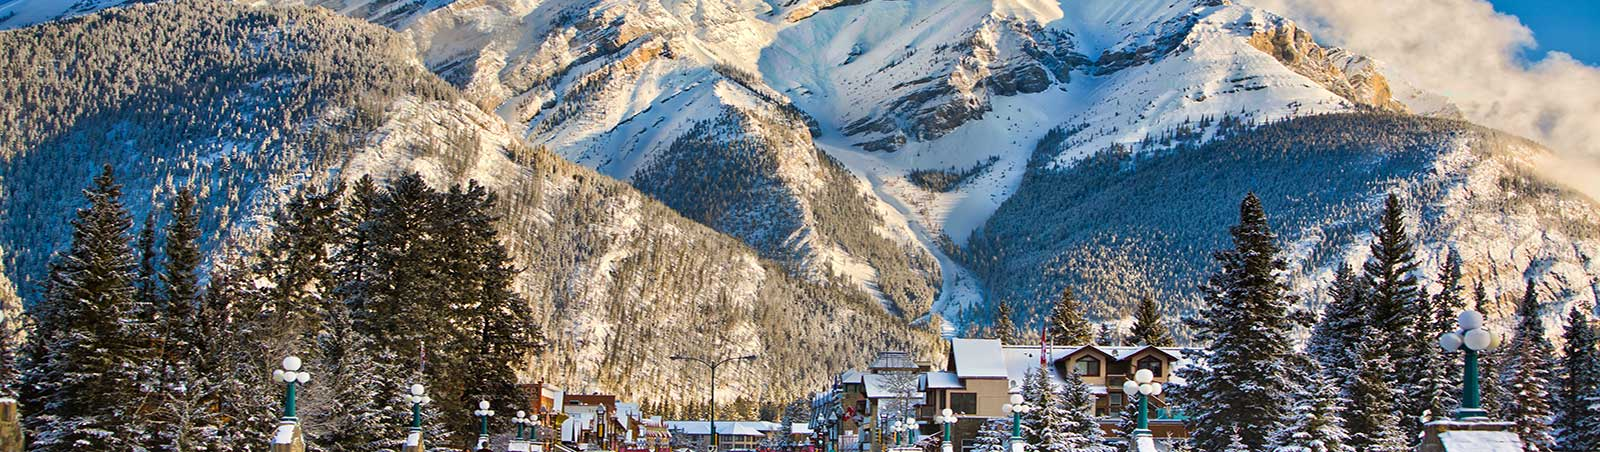 Banff, Canada School Ski Trip